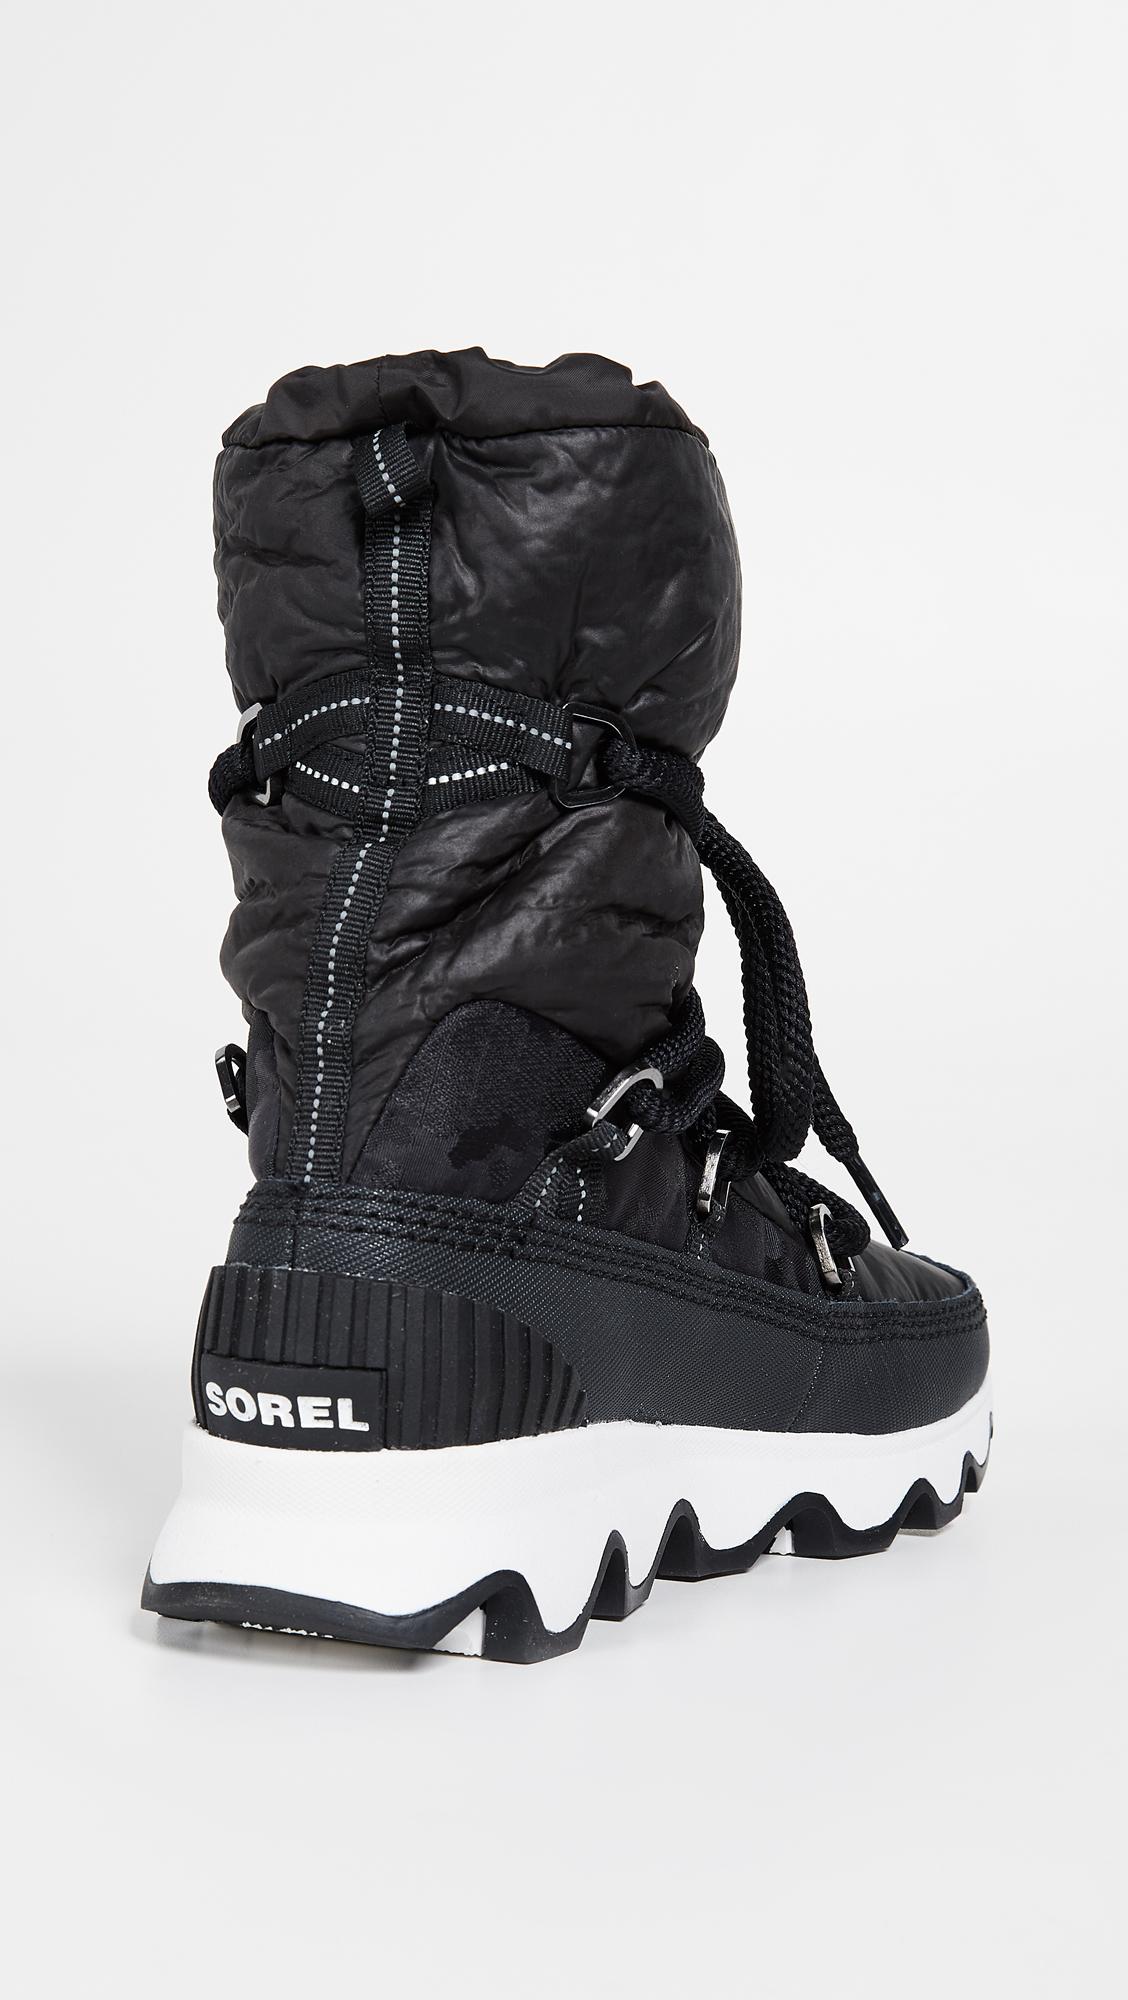 5b5c1276565fee Sorel Kinetic Boots | SHOPBOP